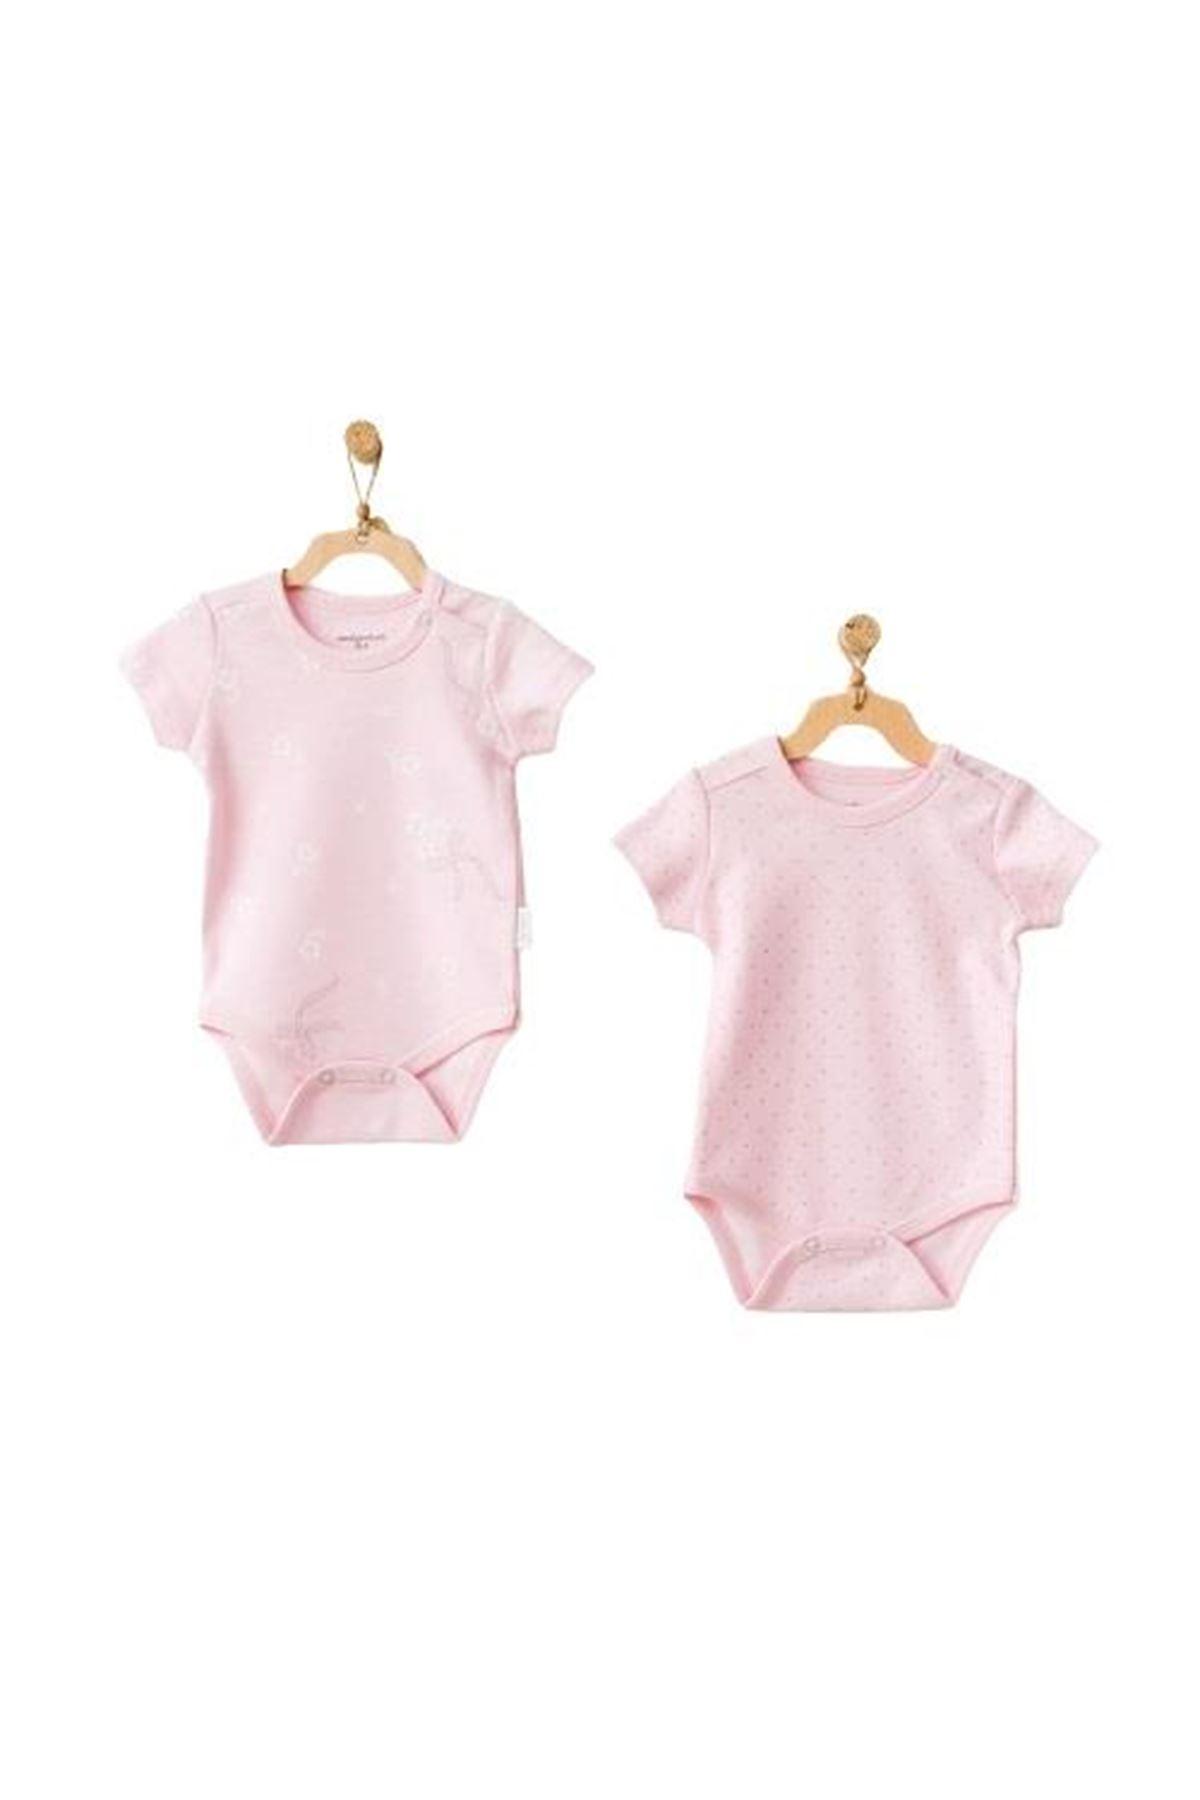 Andywawa AC21805 Milly Ballet 2li Bebek Body Pink